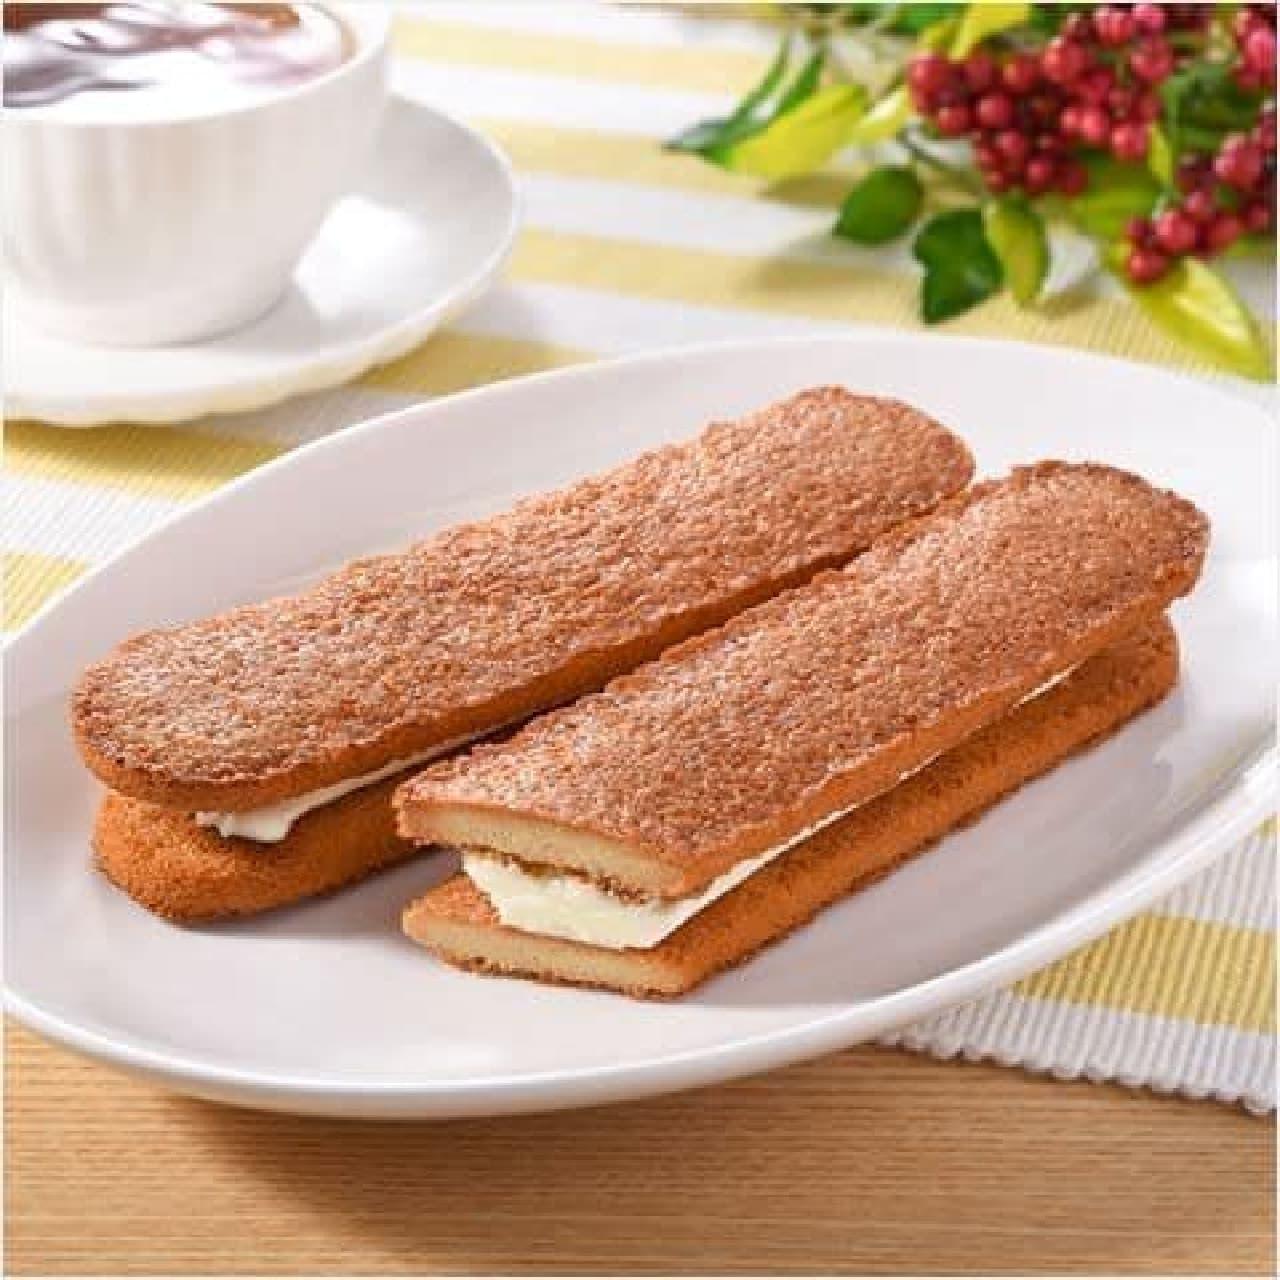 ファミリーマート「香ばしいクッキーのクリームサンド(キャラメル)」